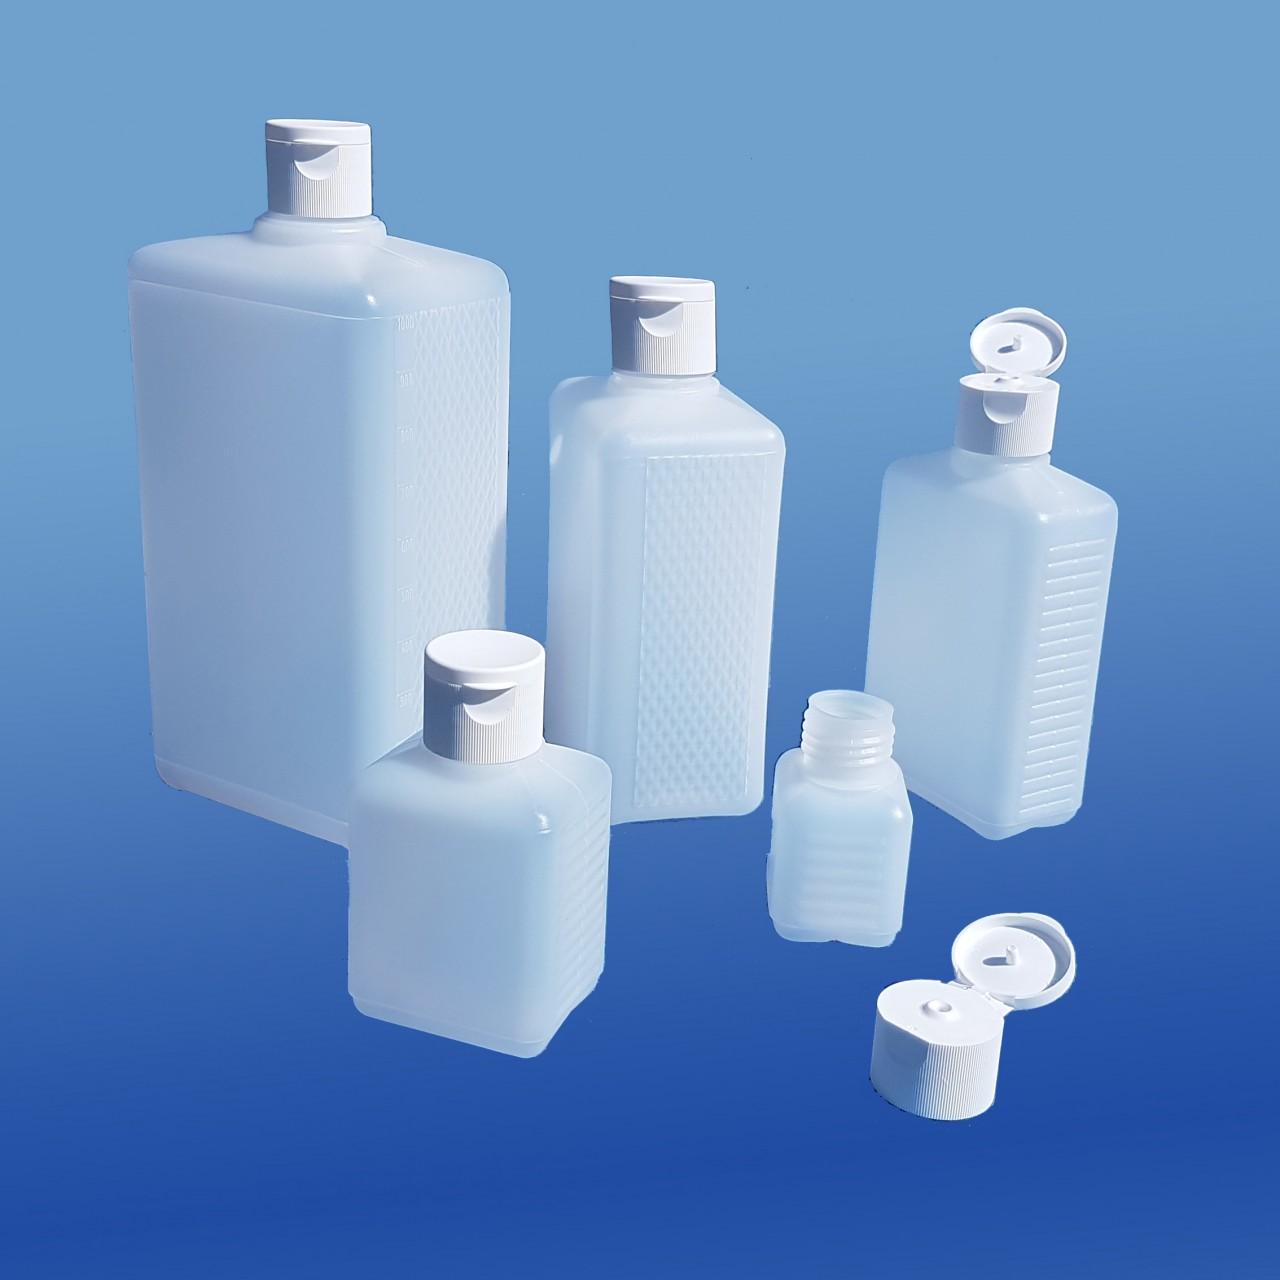 Viereck-Flaschen 50 - 1000 ml |mit Klappscharnier-Verschluss